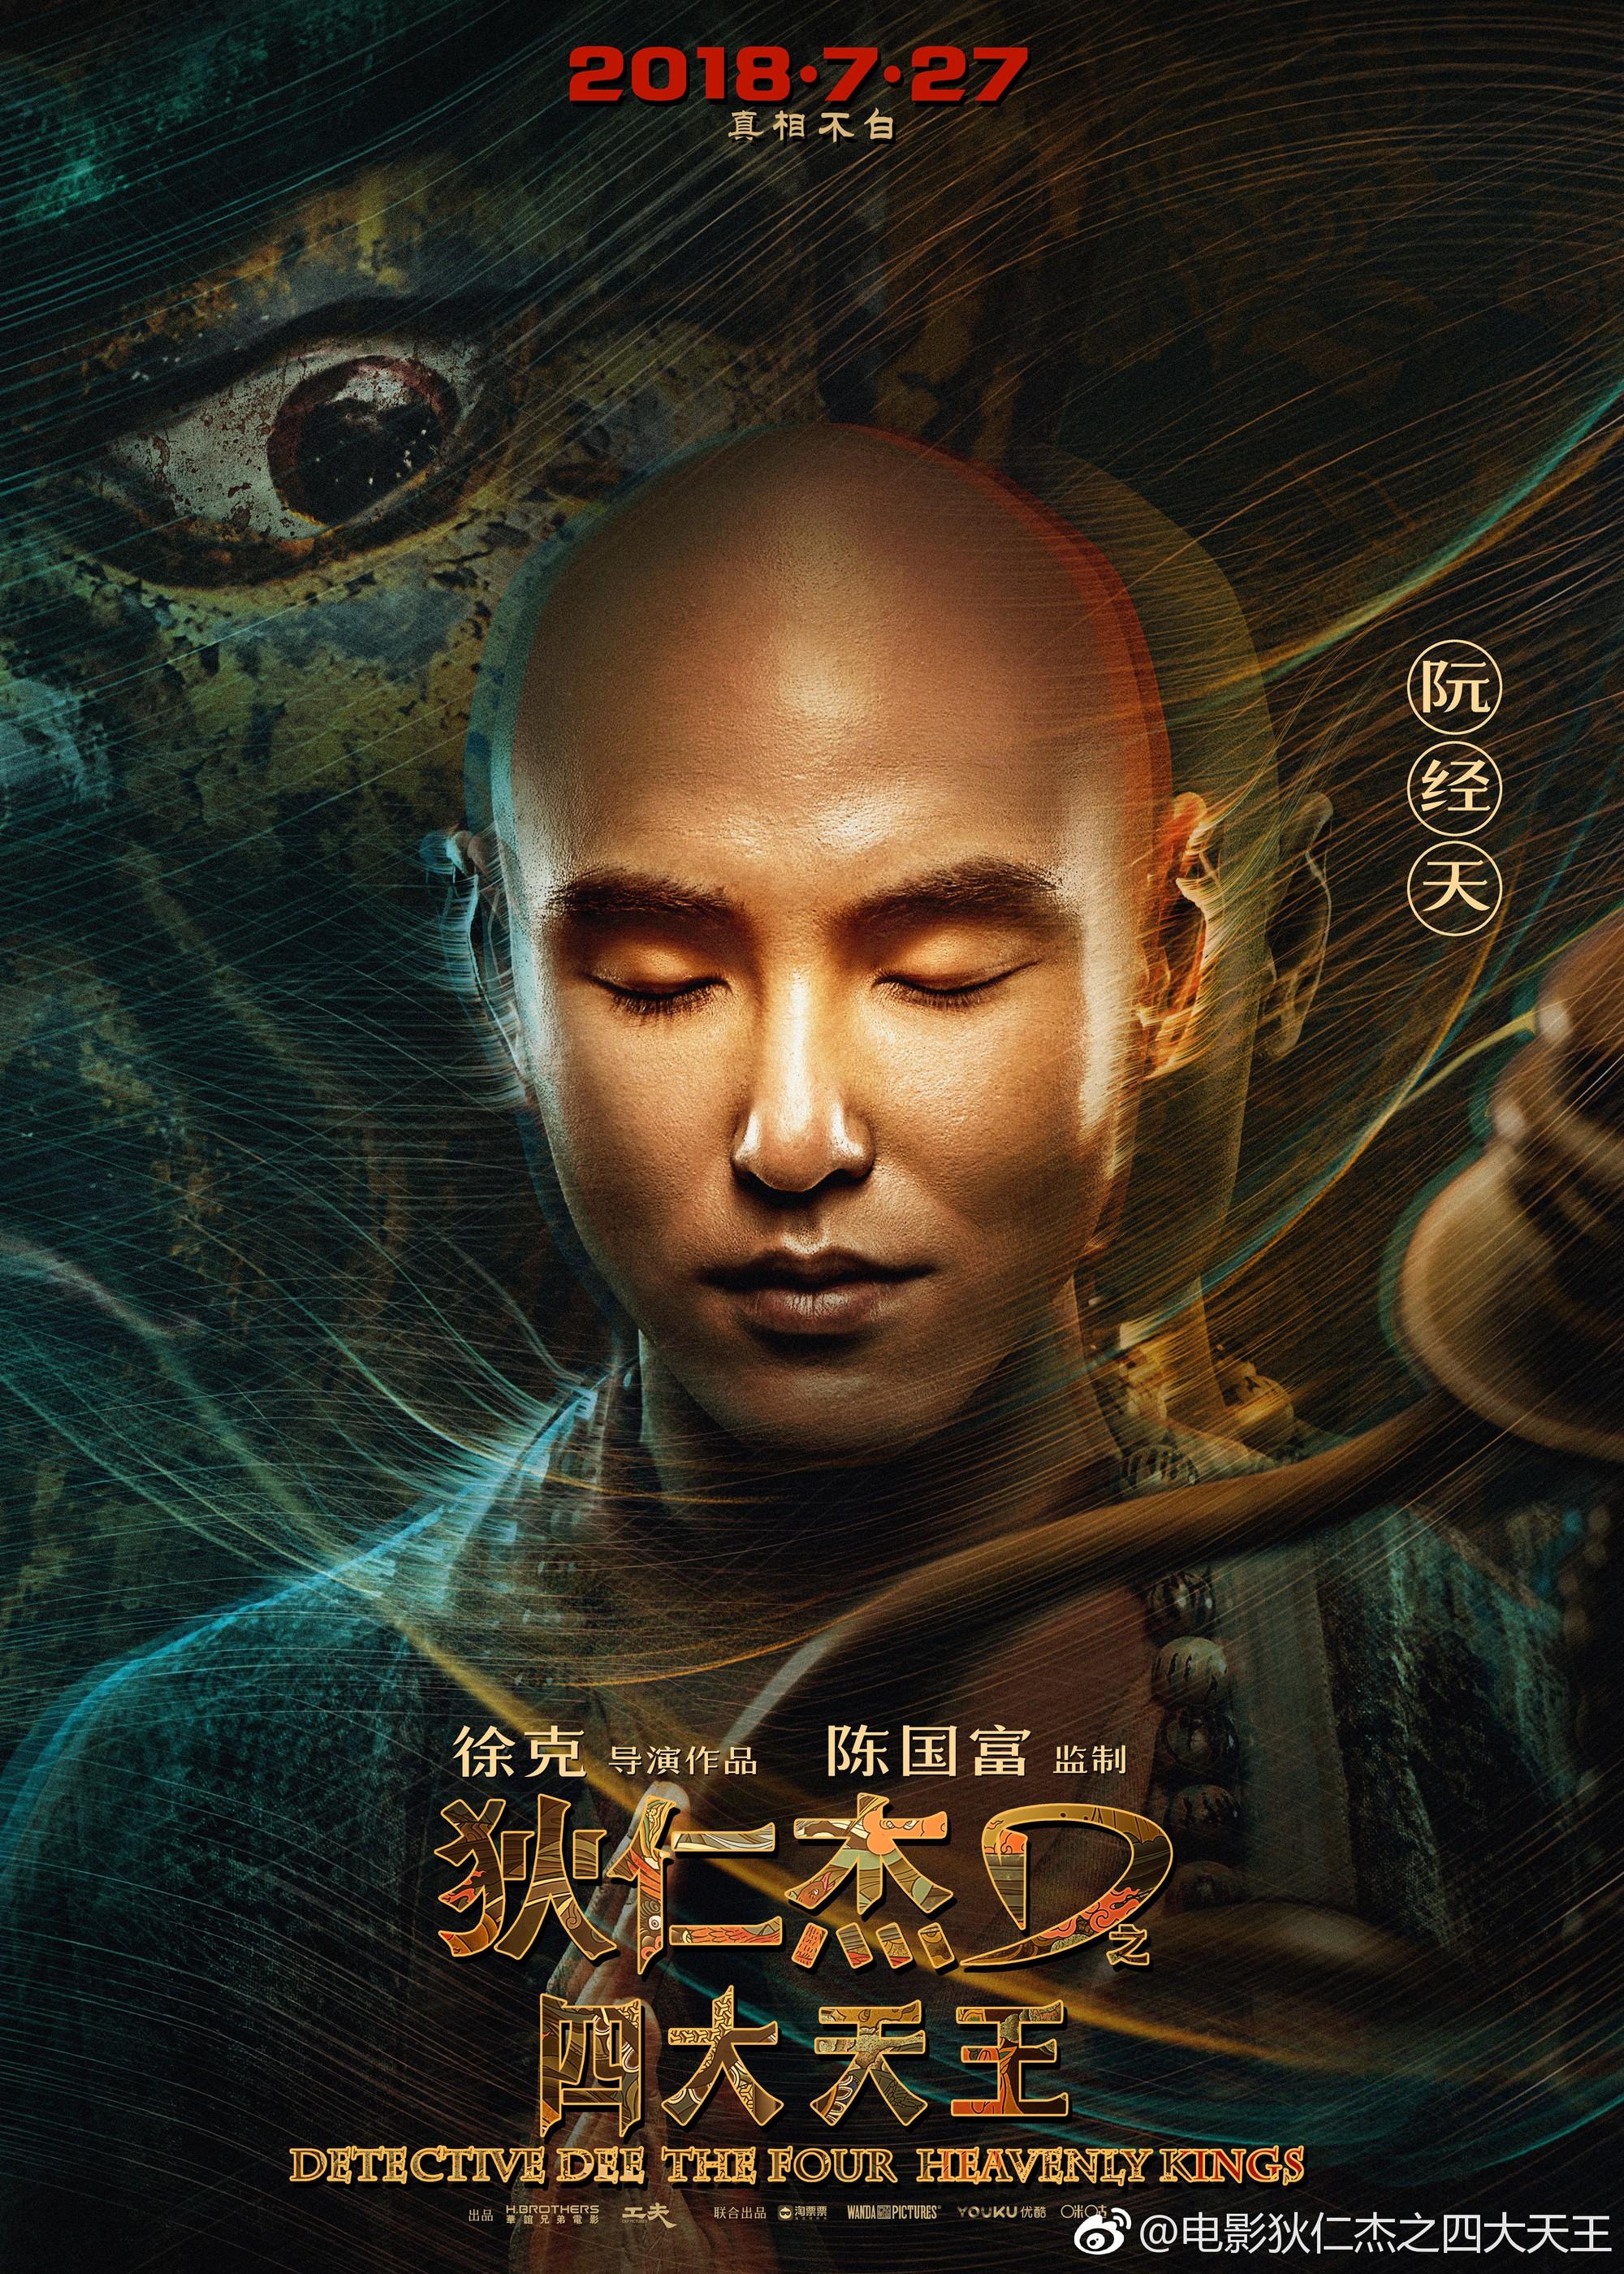 Nguyễn Kinh Thiên khiến khán giả ngạc nhiên với tạo hình nhà sư trong Địch Nhân Kiệt : Tứ Đại Thiên Vương